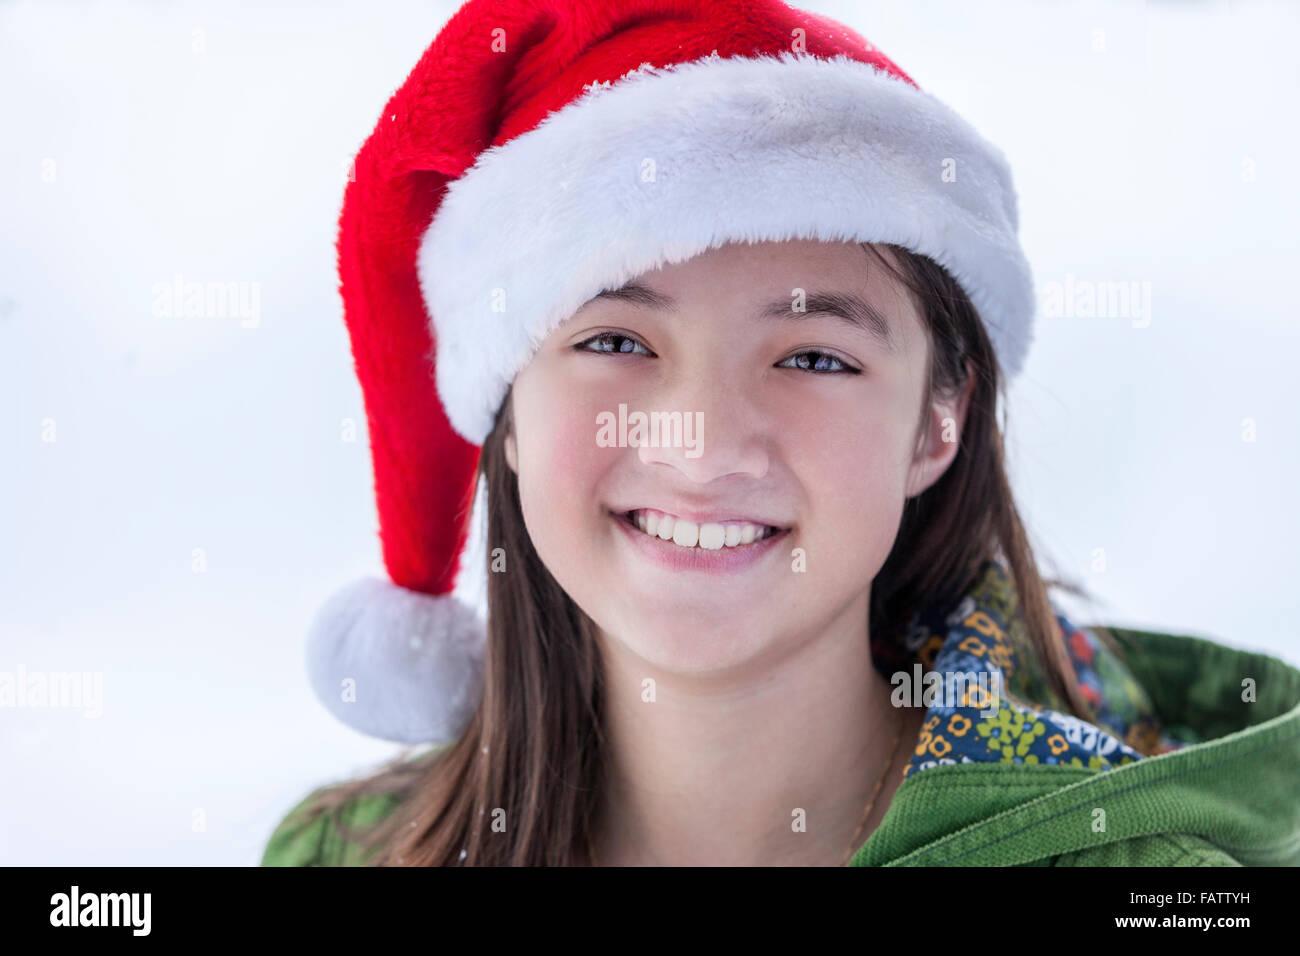 Картинки девушек с большой улыбкой фото 804-789